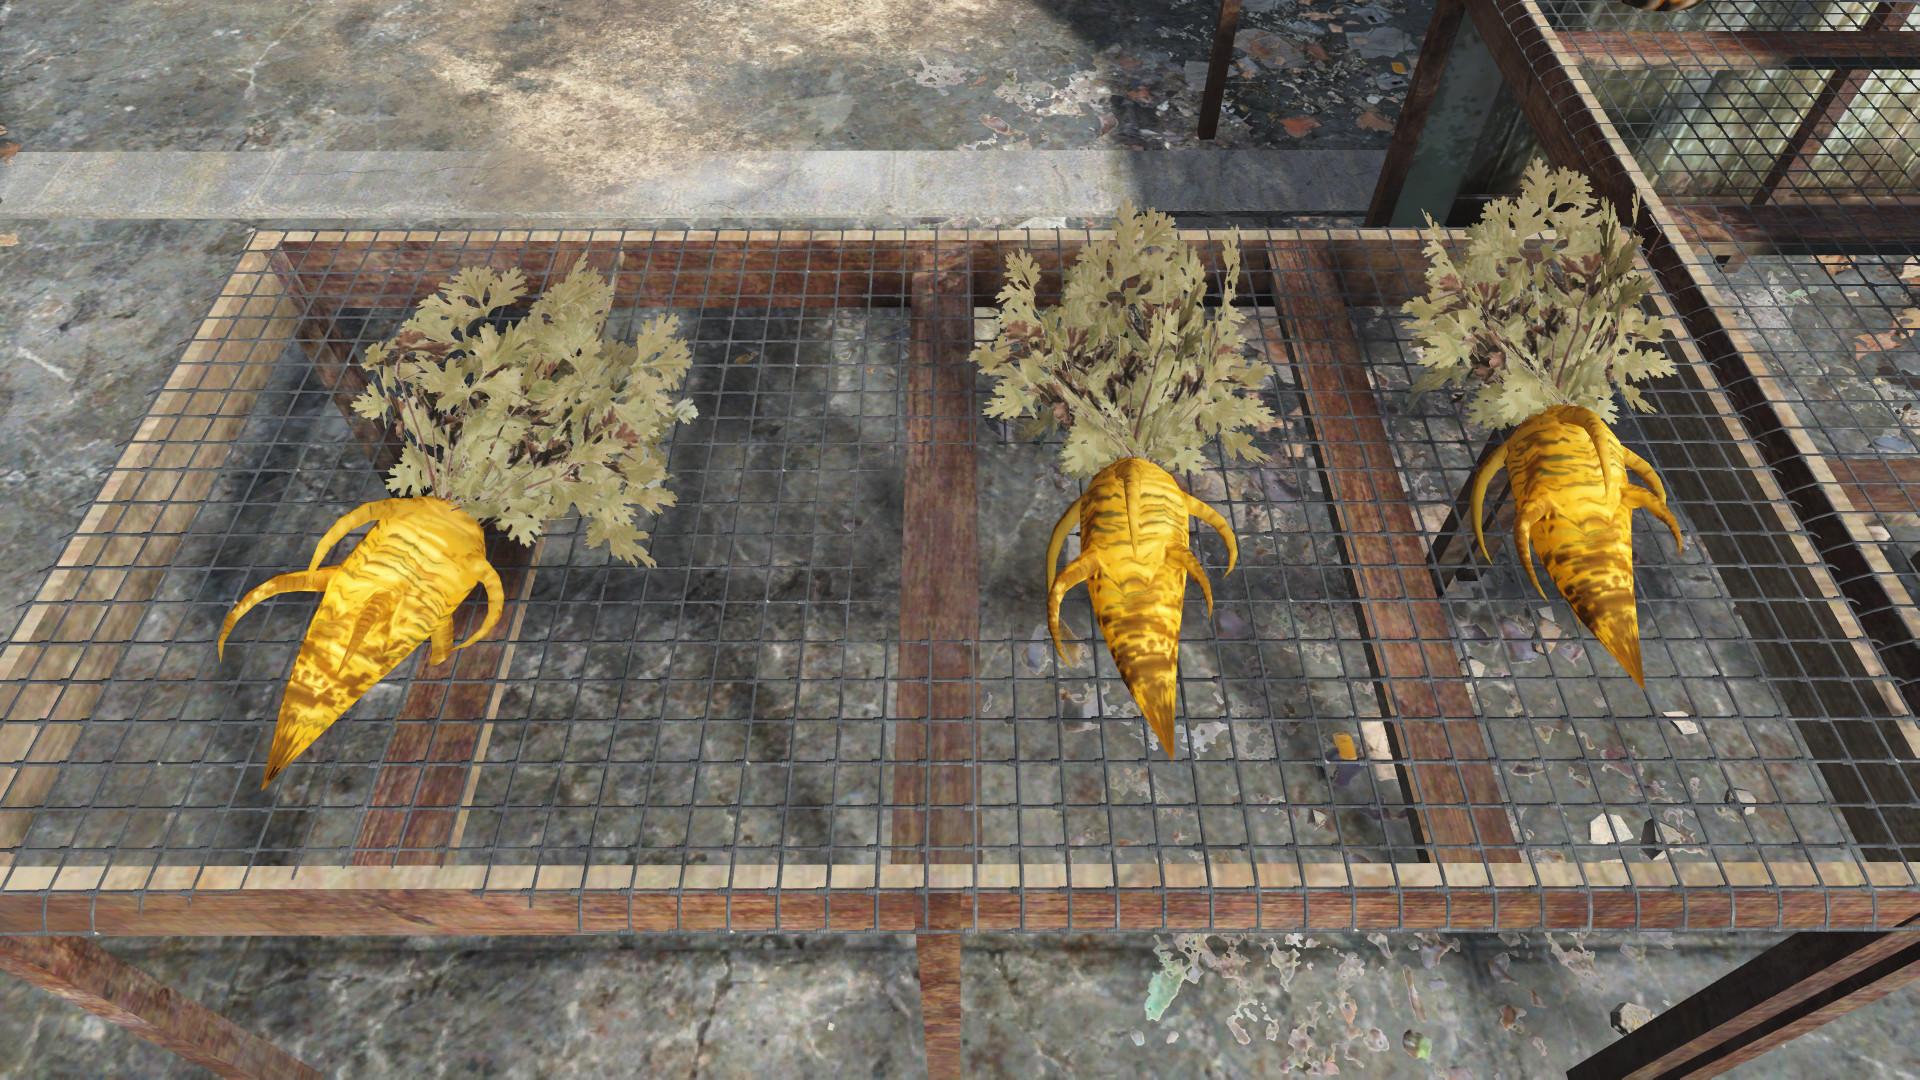 Fallout 4 Squirrel Stew  FALLOUT 4 ข้อมูลของอาหารประเภทผักและผลไม้